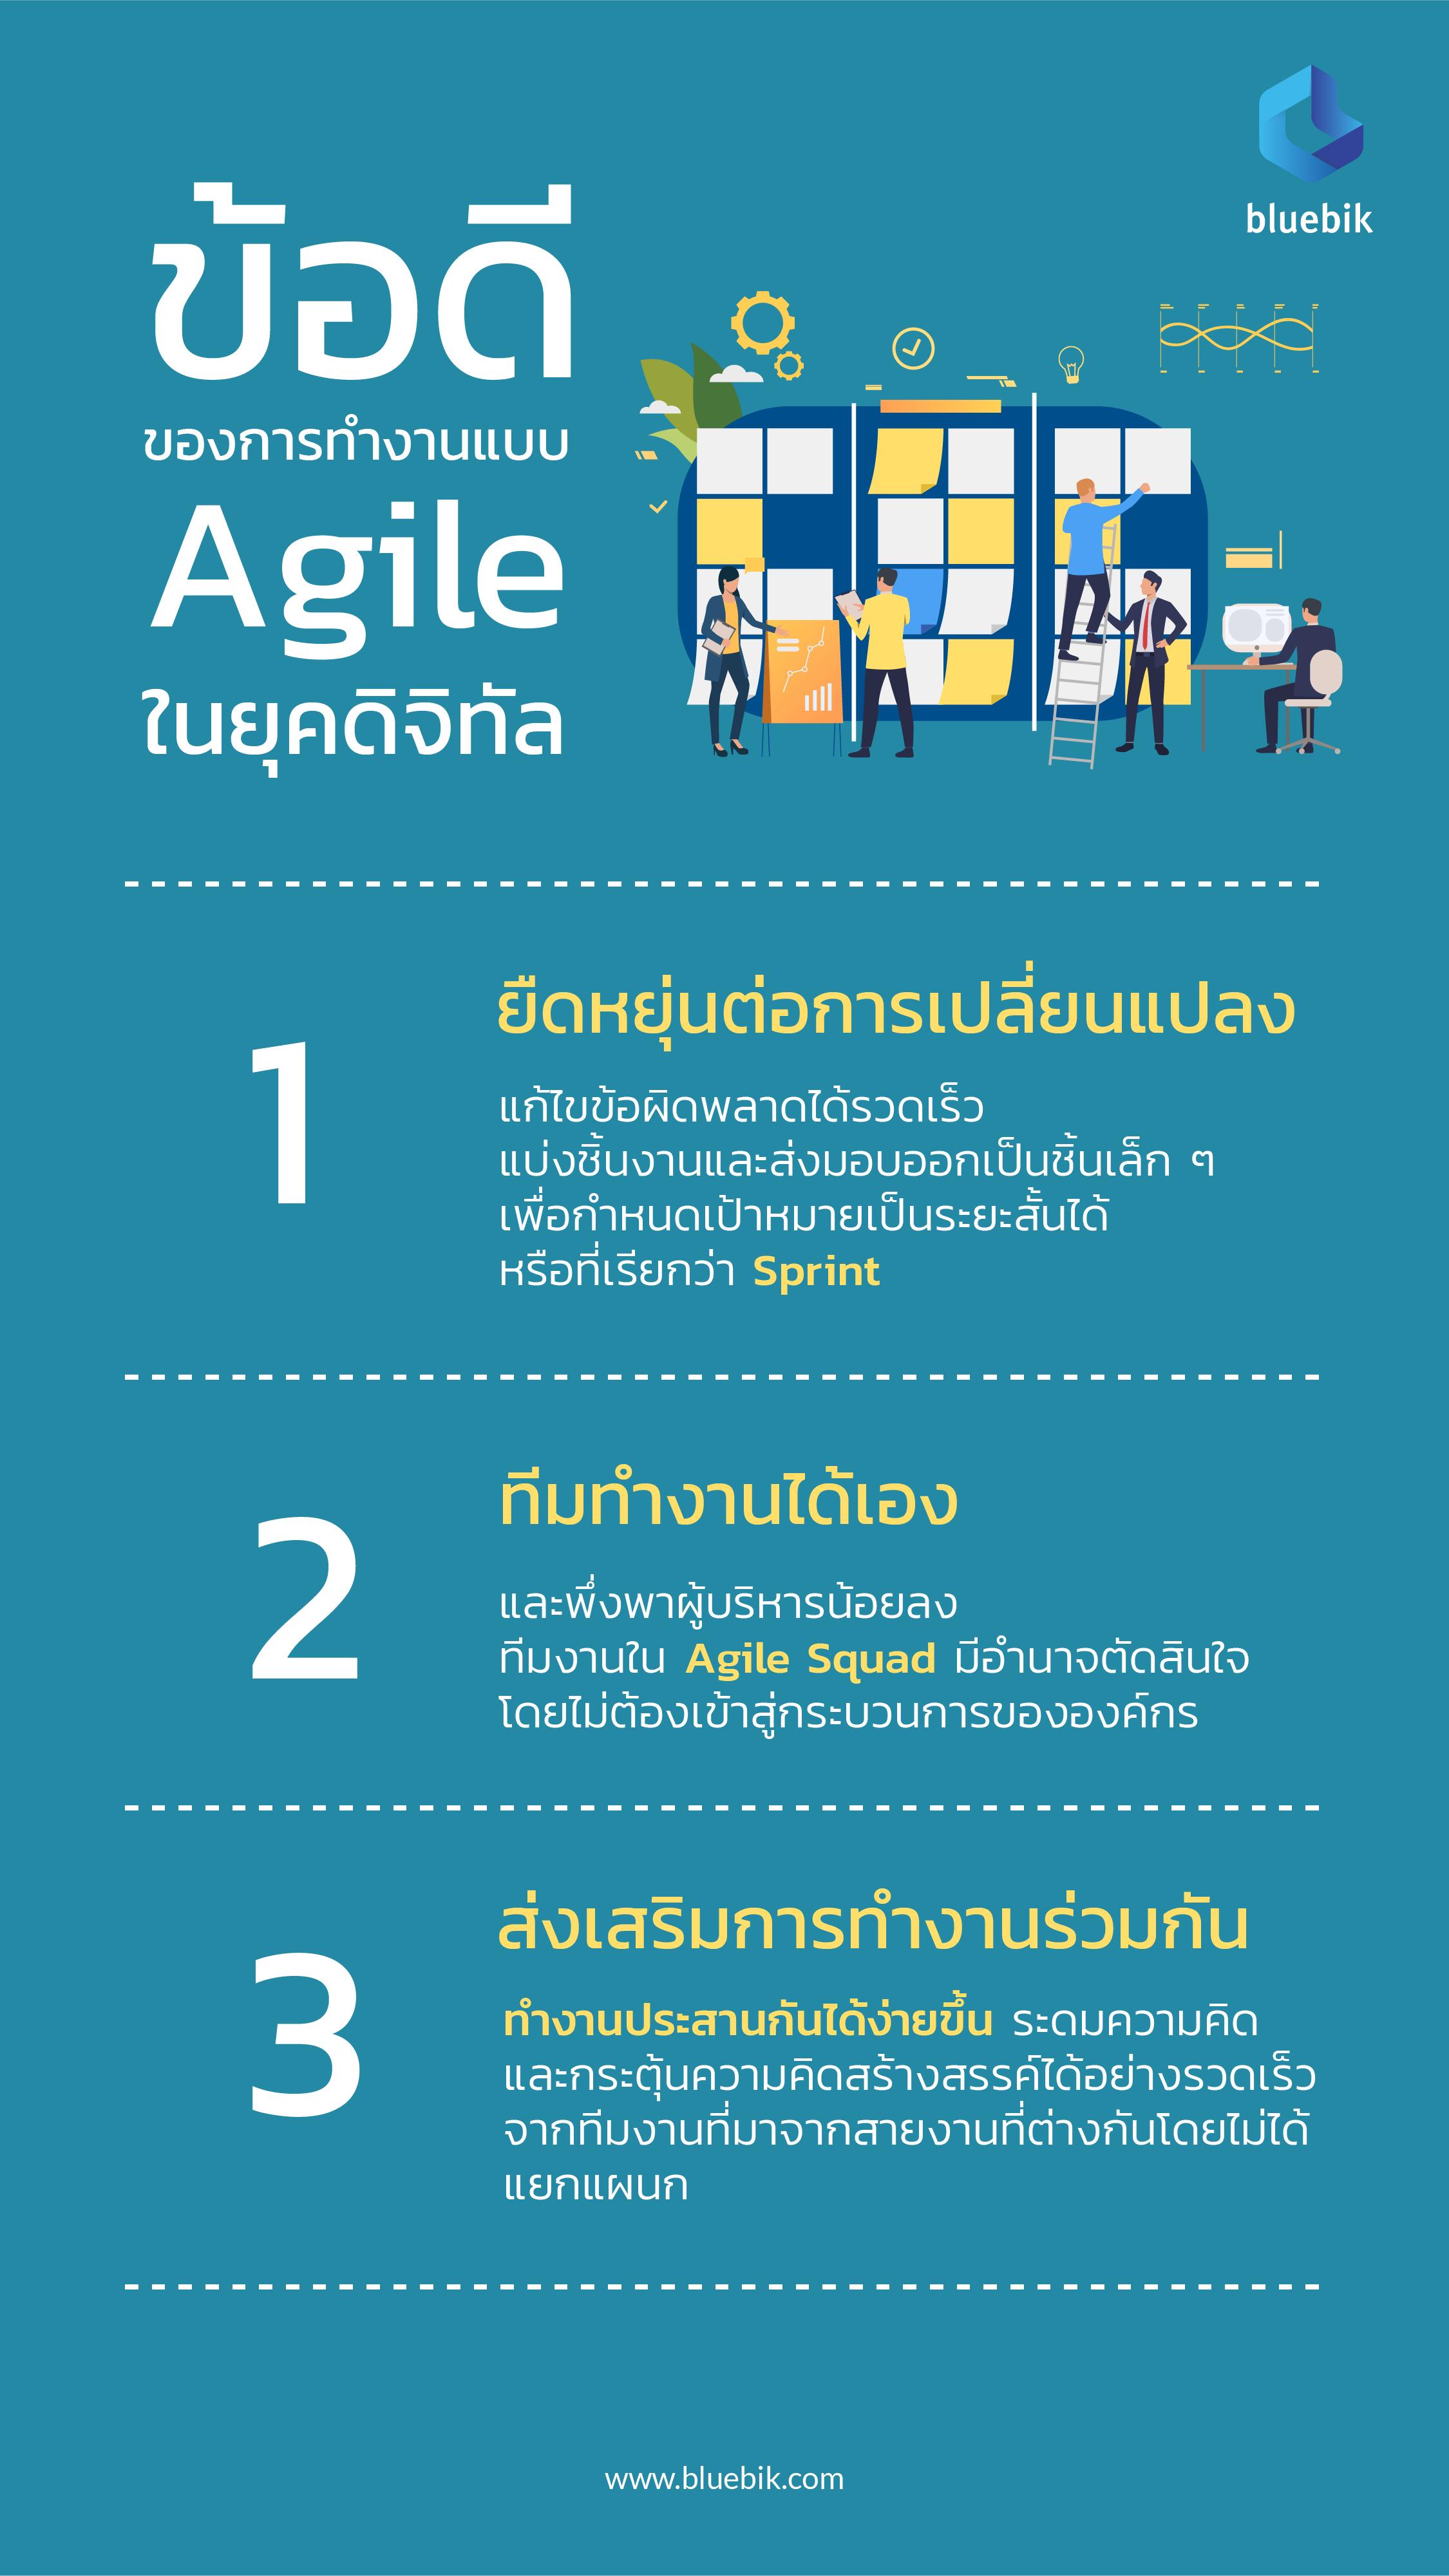 2020_10_09_ข้อดี agile-01.png